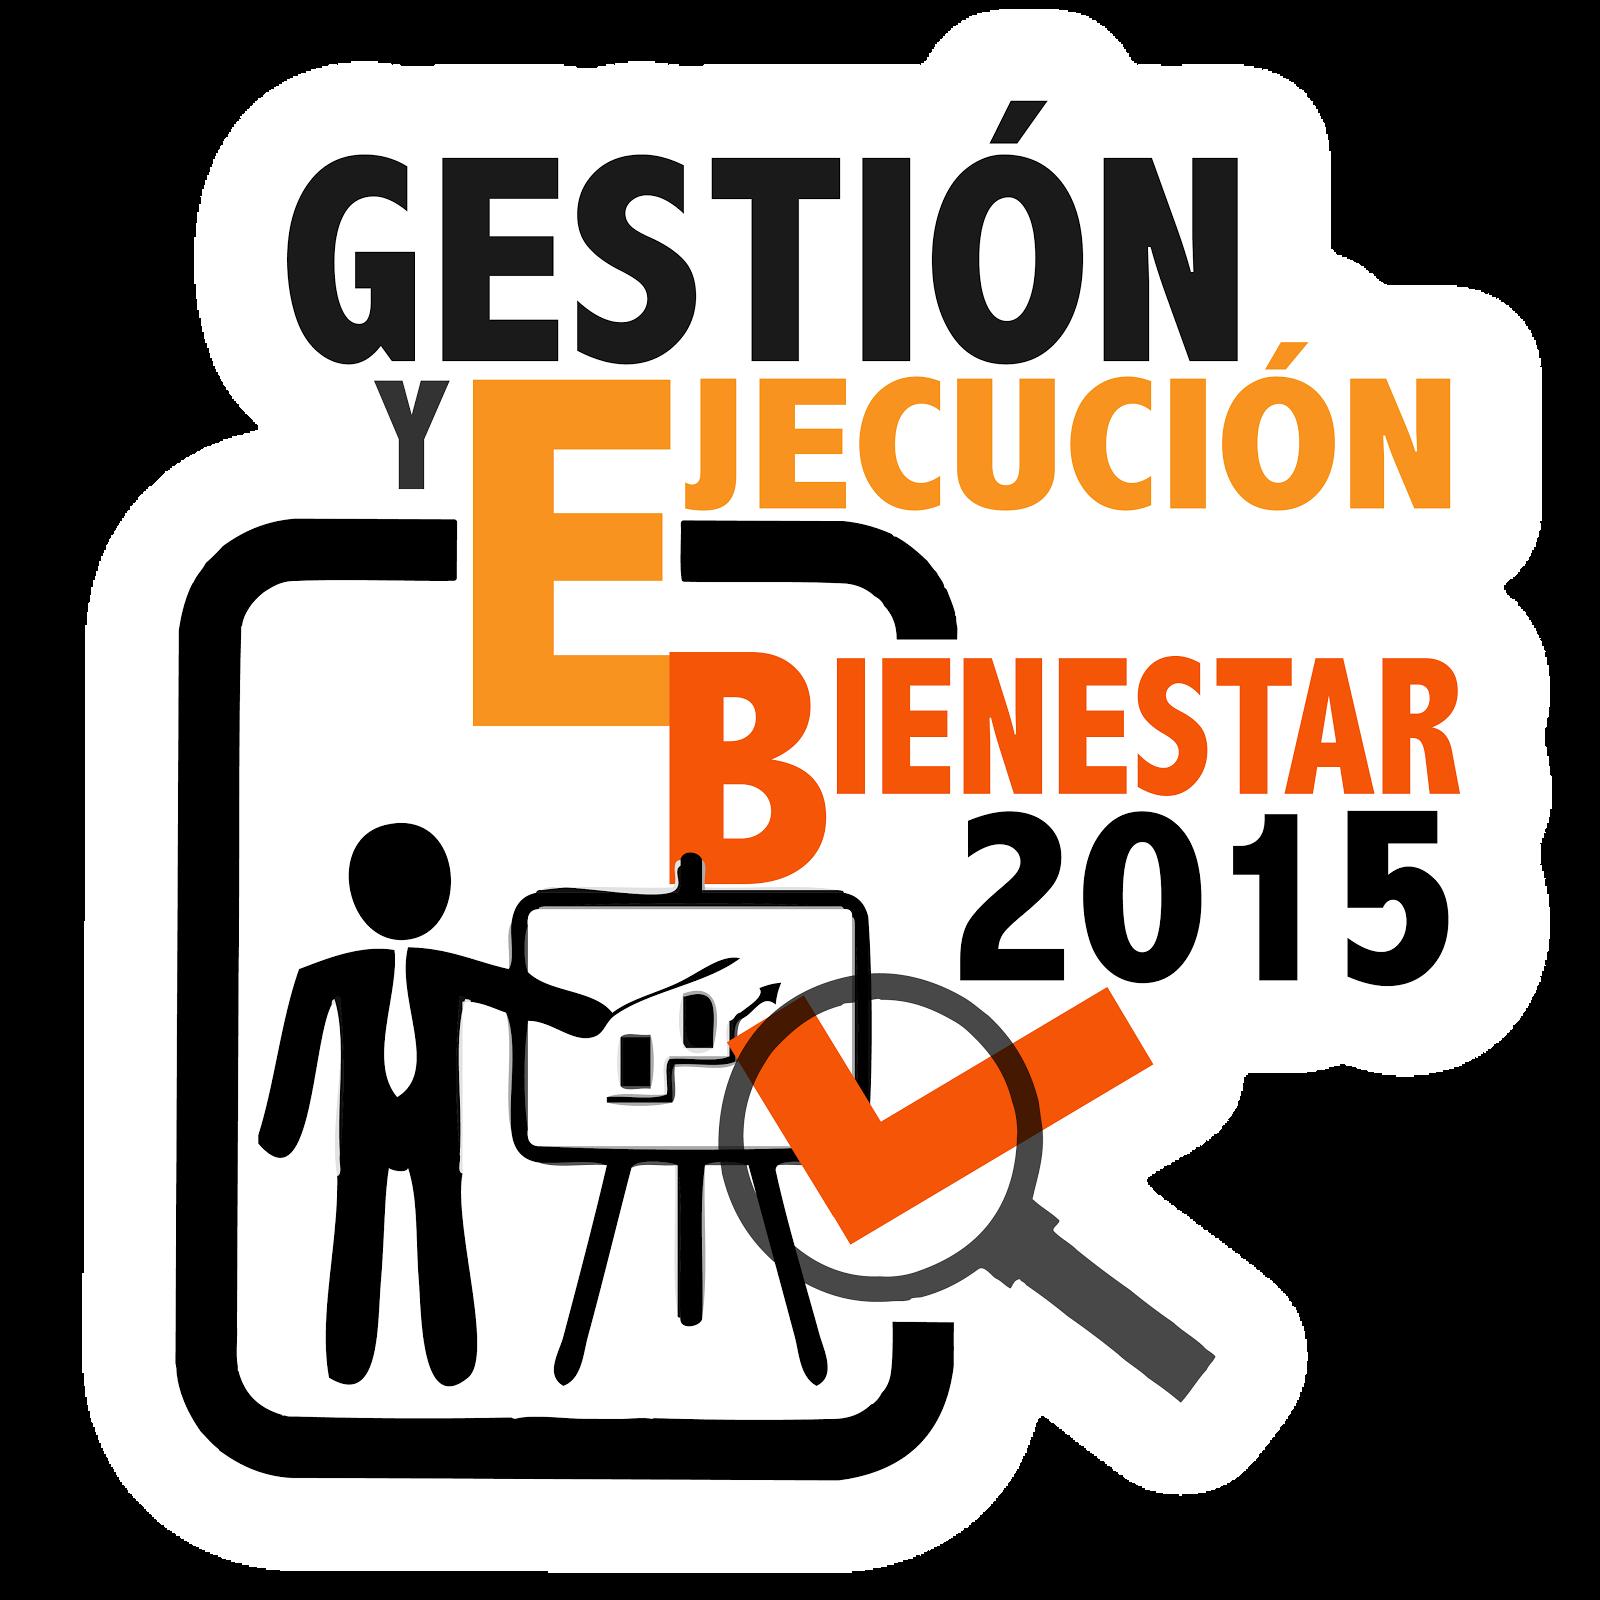 Gestión y Ejecución Bienestar 2015